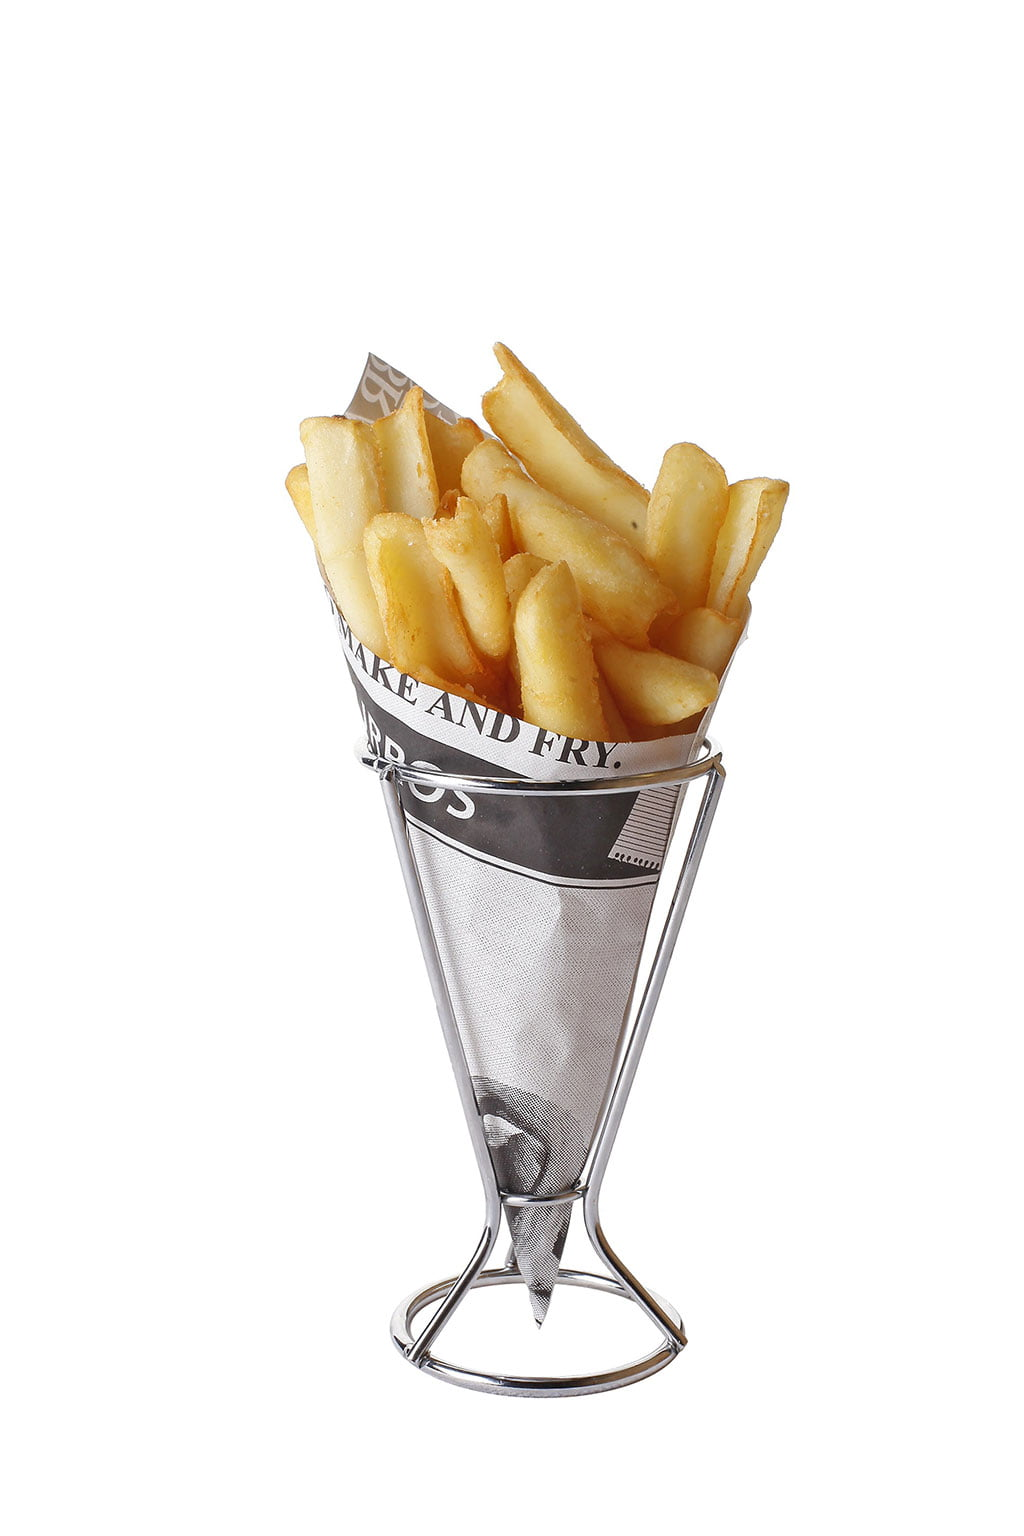 Patatas fritas – La Fontana